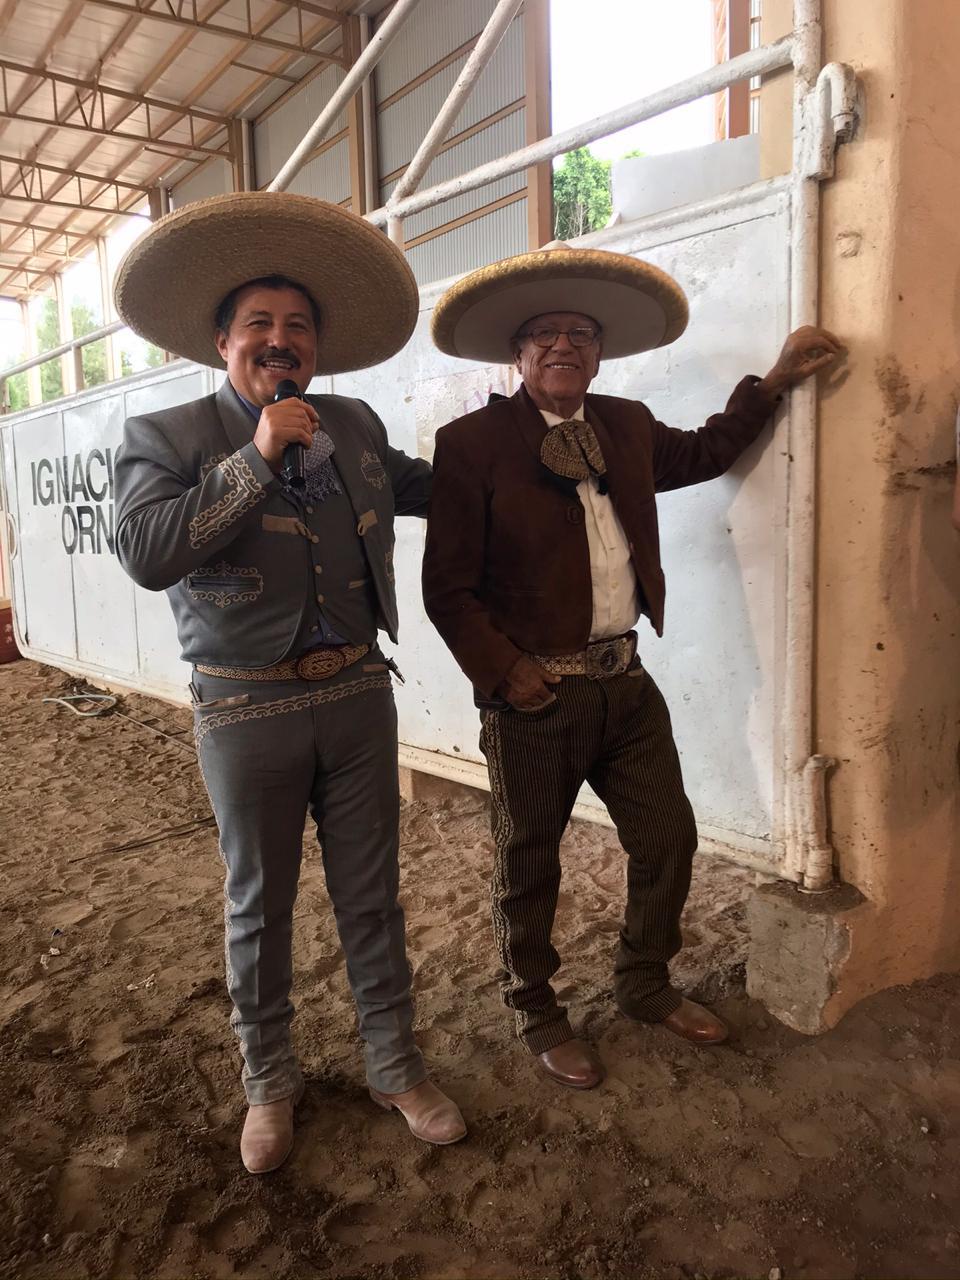 José Alfredo Meléndez y Macario Cornejo, locutores del estado de Guanajuato